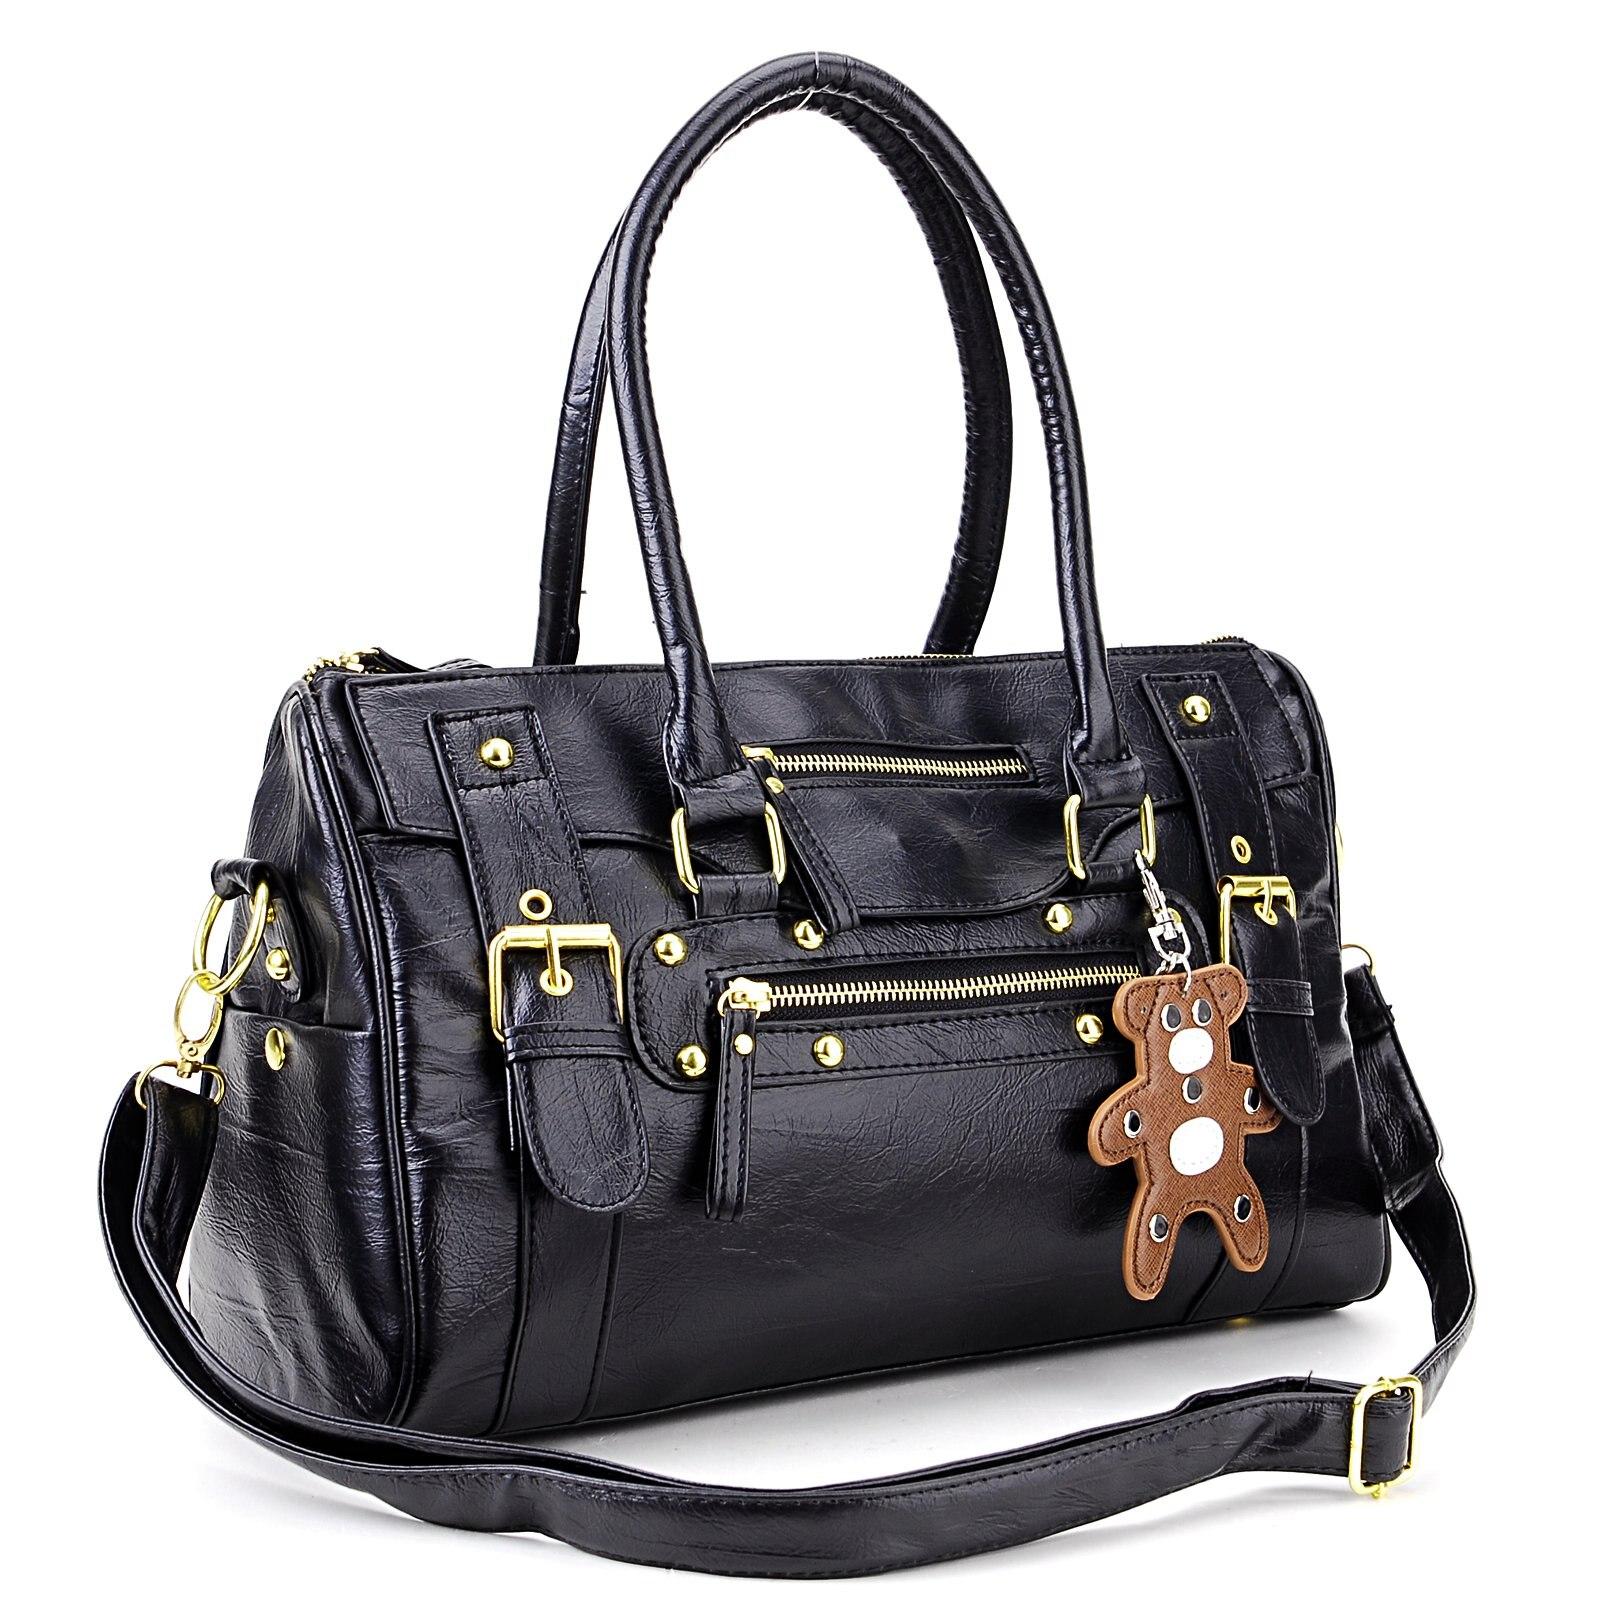 Wholesale 10pcs sac a main porte main noir pour femmes cuir pu en rayure rocher ave un petit - Porte sac a main ...